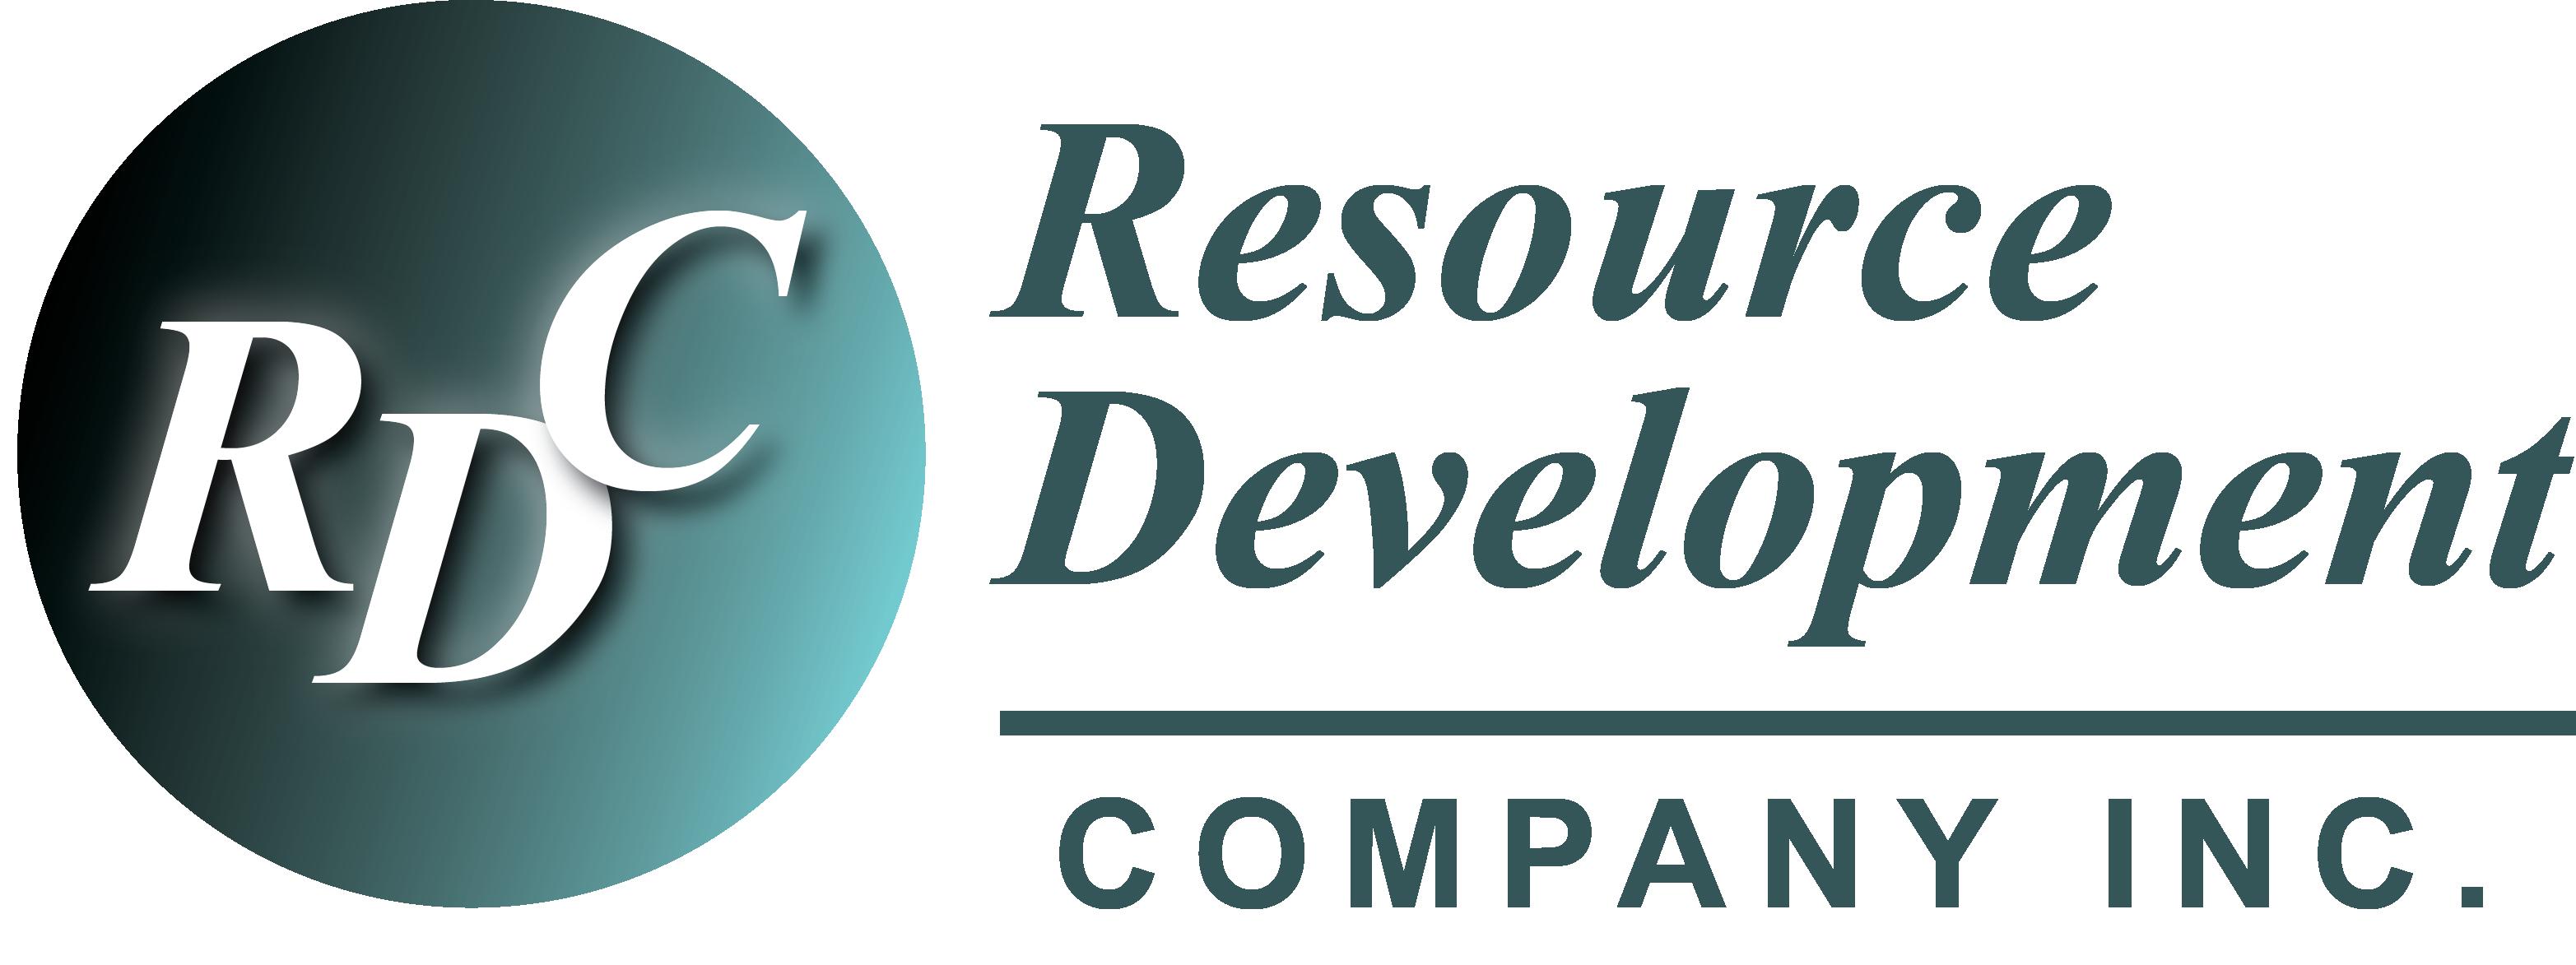 Replicate existing logo